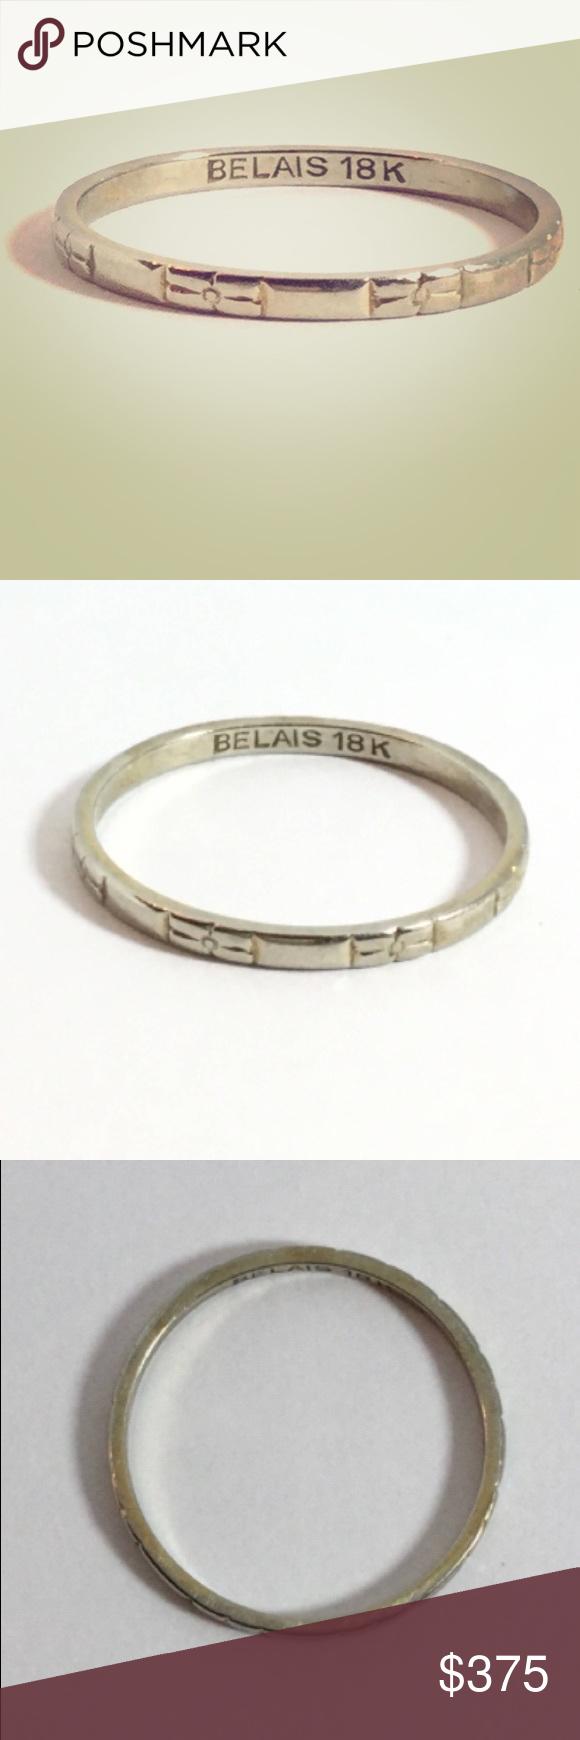 ��belais Vintage 18k White Gold Wedding Band Ring Art Deco Belais: Vintage Belais 18k Wedding Band At Websimilar.org